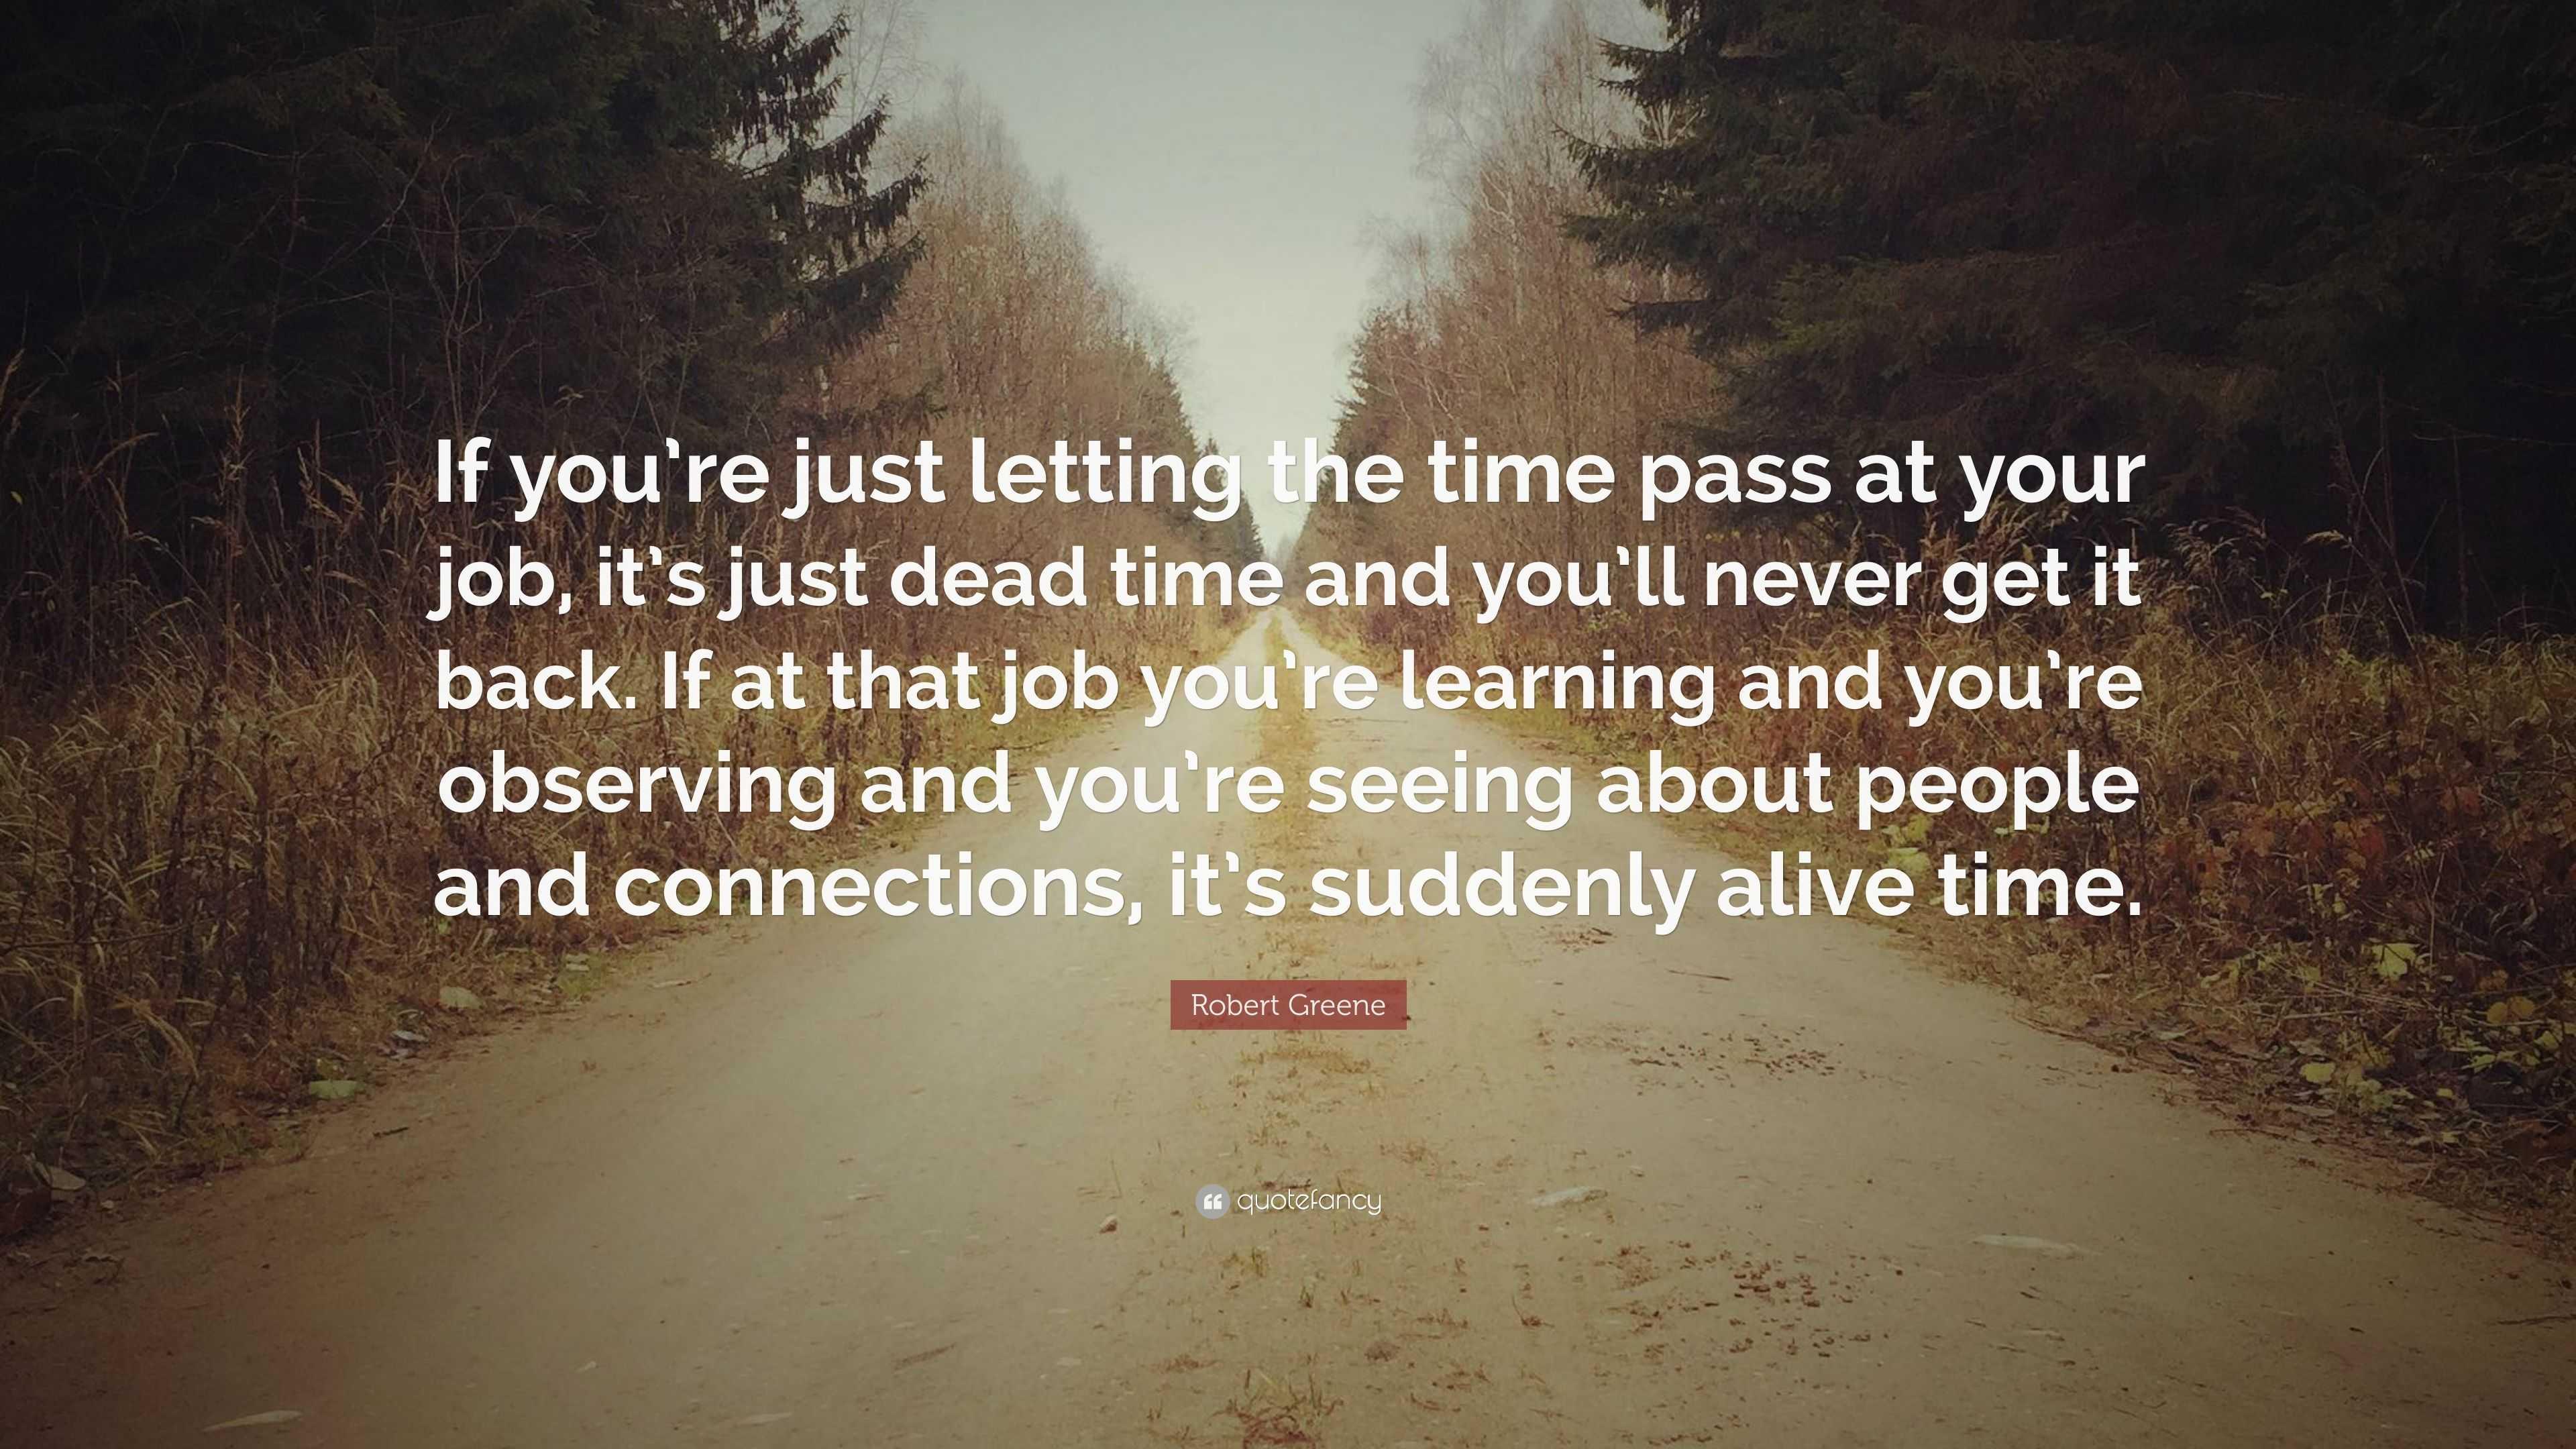 Time pass job